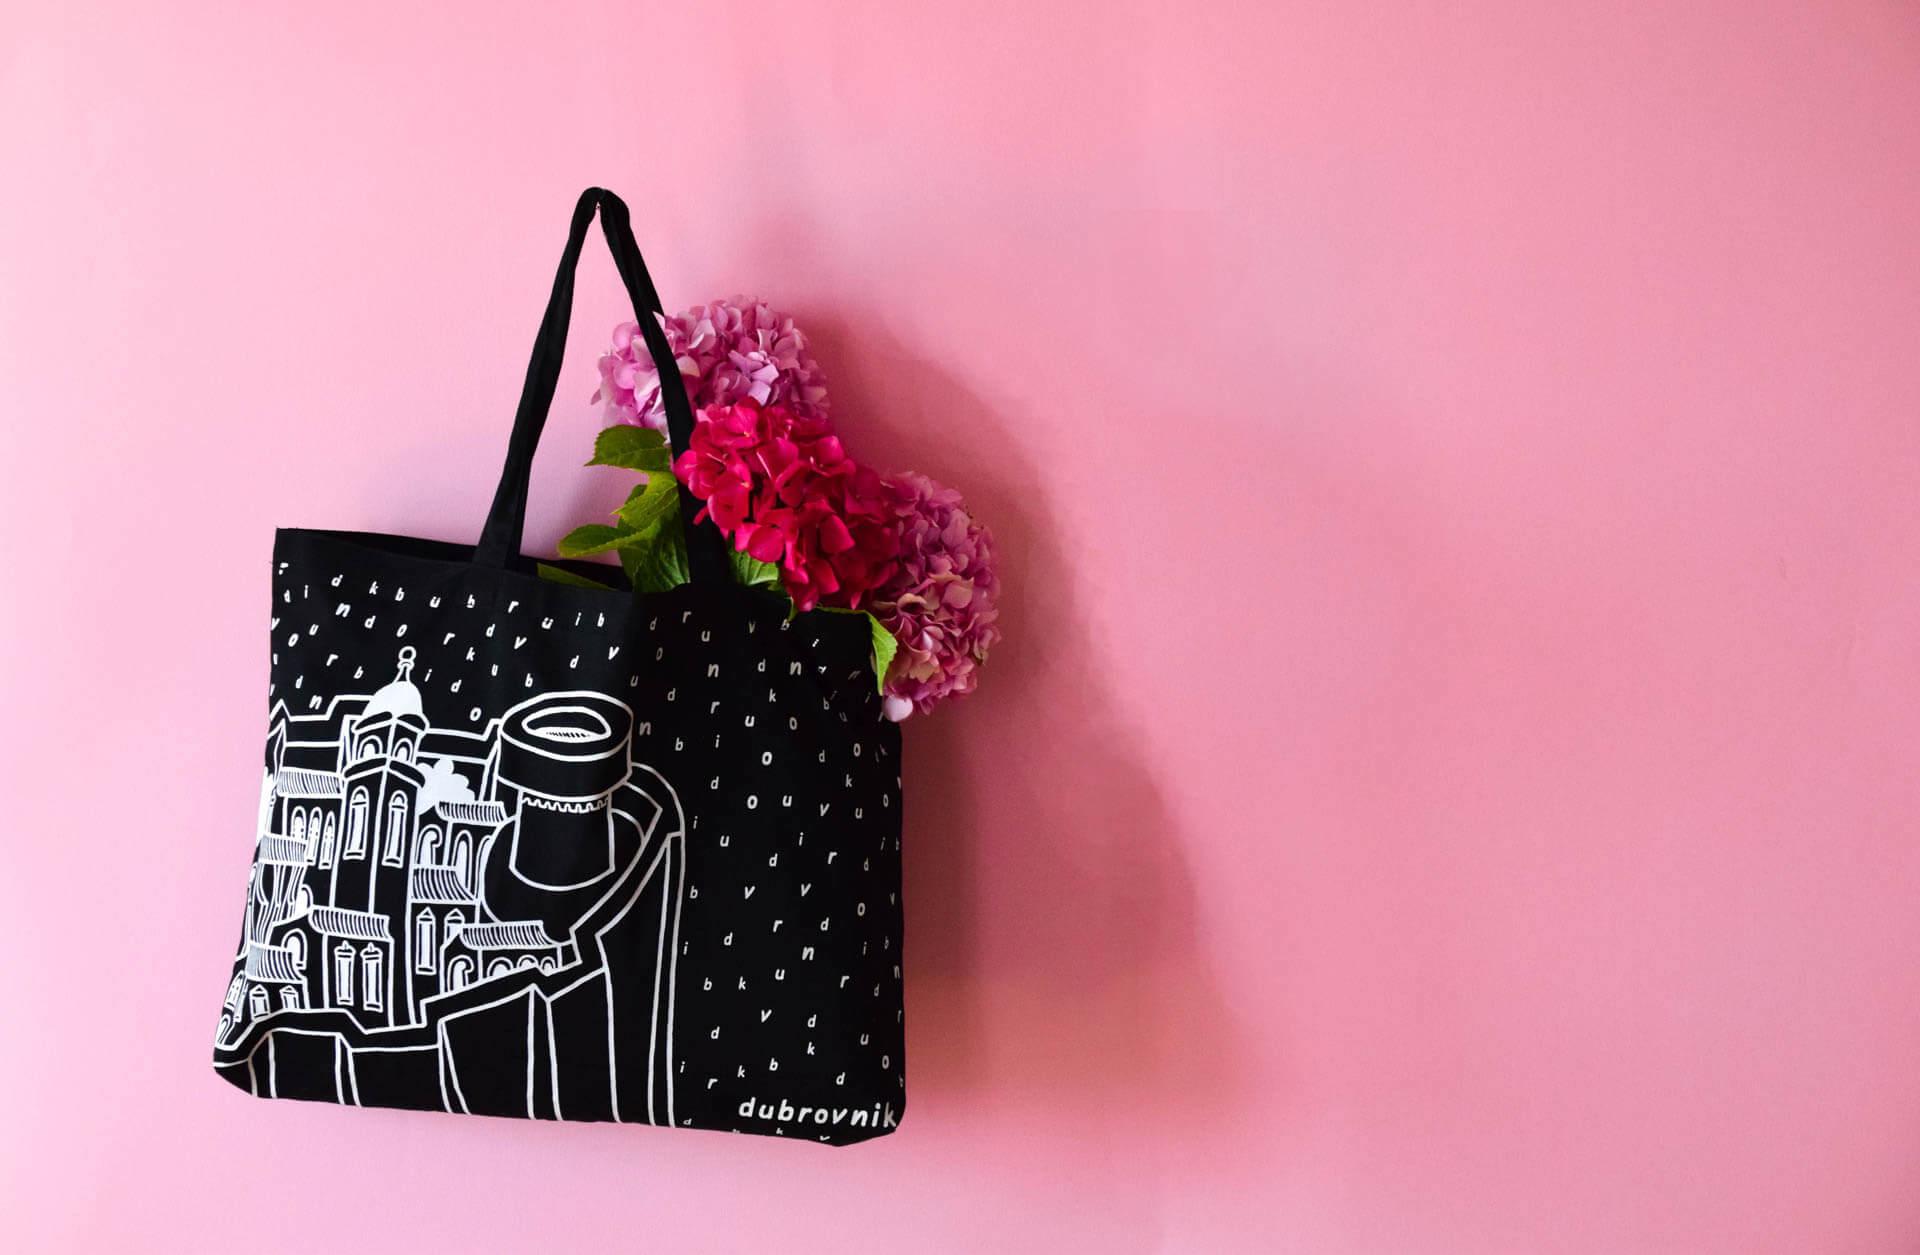 Bural tote bag souvenir from Dubrovnik